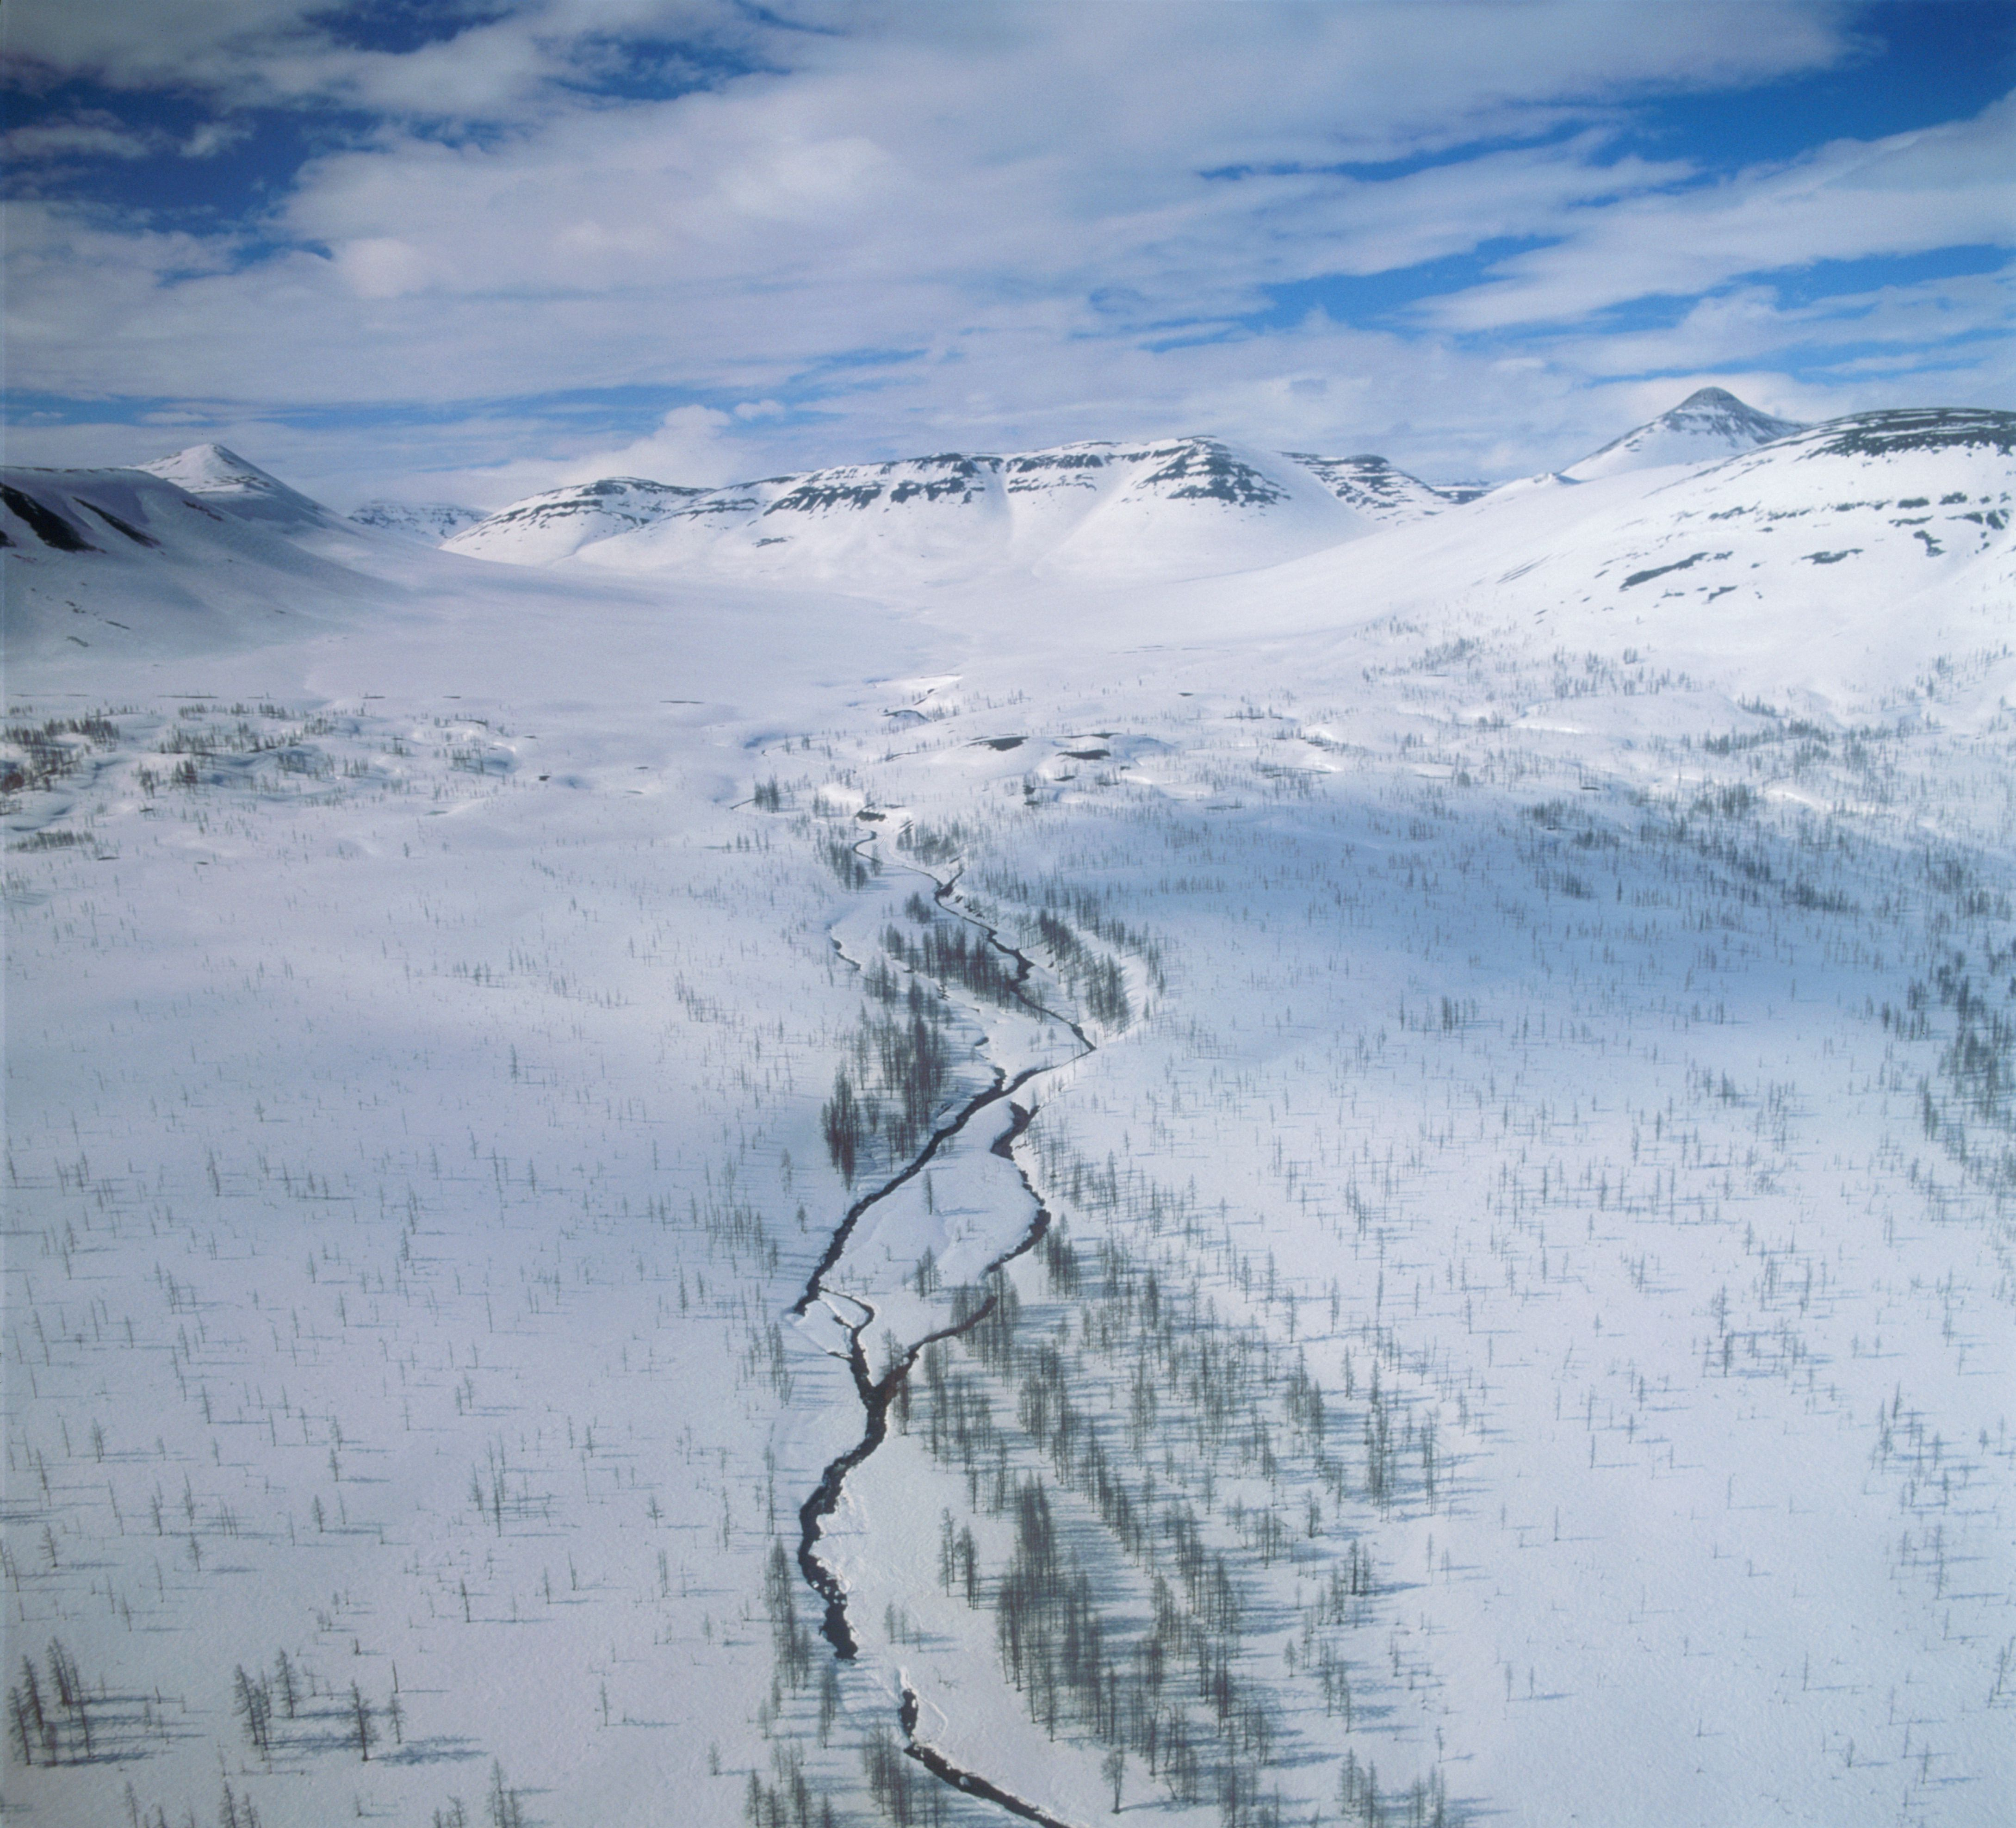 Russland, Sibirien, in der Nähe von Norilsk, Berge von Putorana Plateau